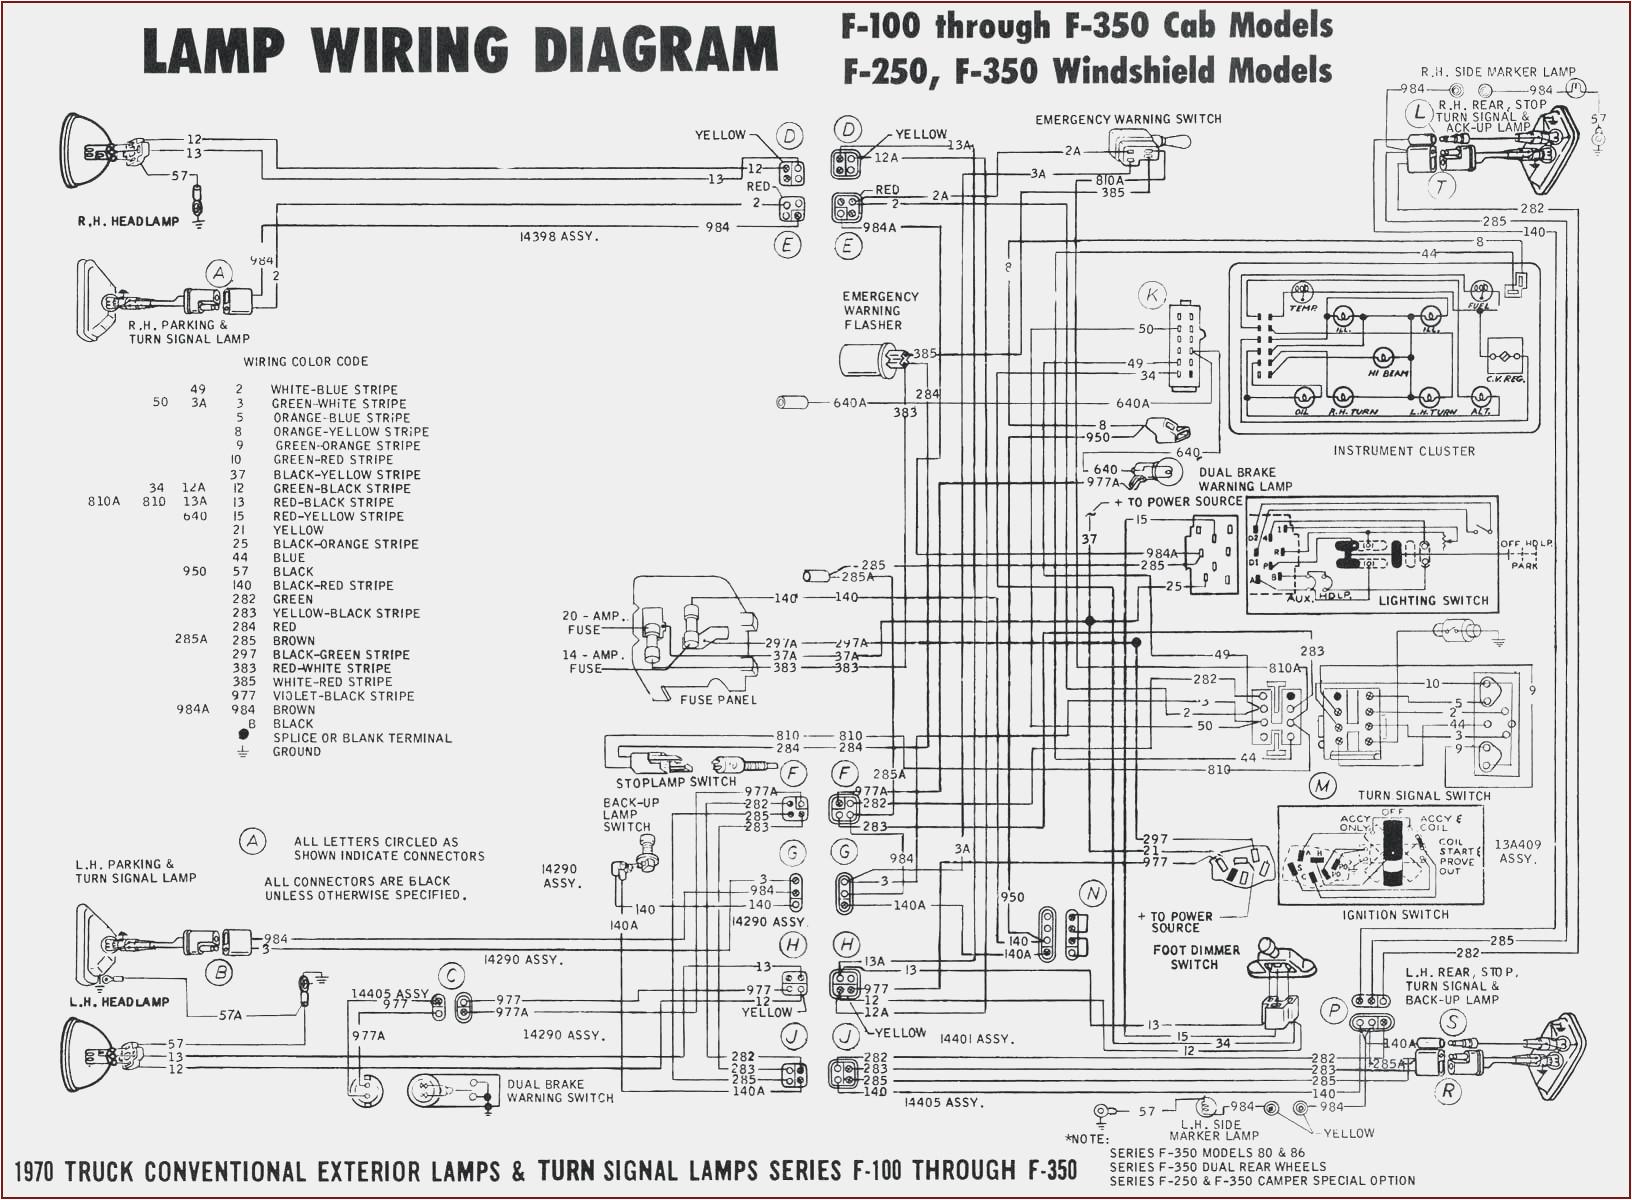 samsung soc a100 wiring diagram of samsung soc a100 wiring diagram jpg